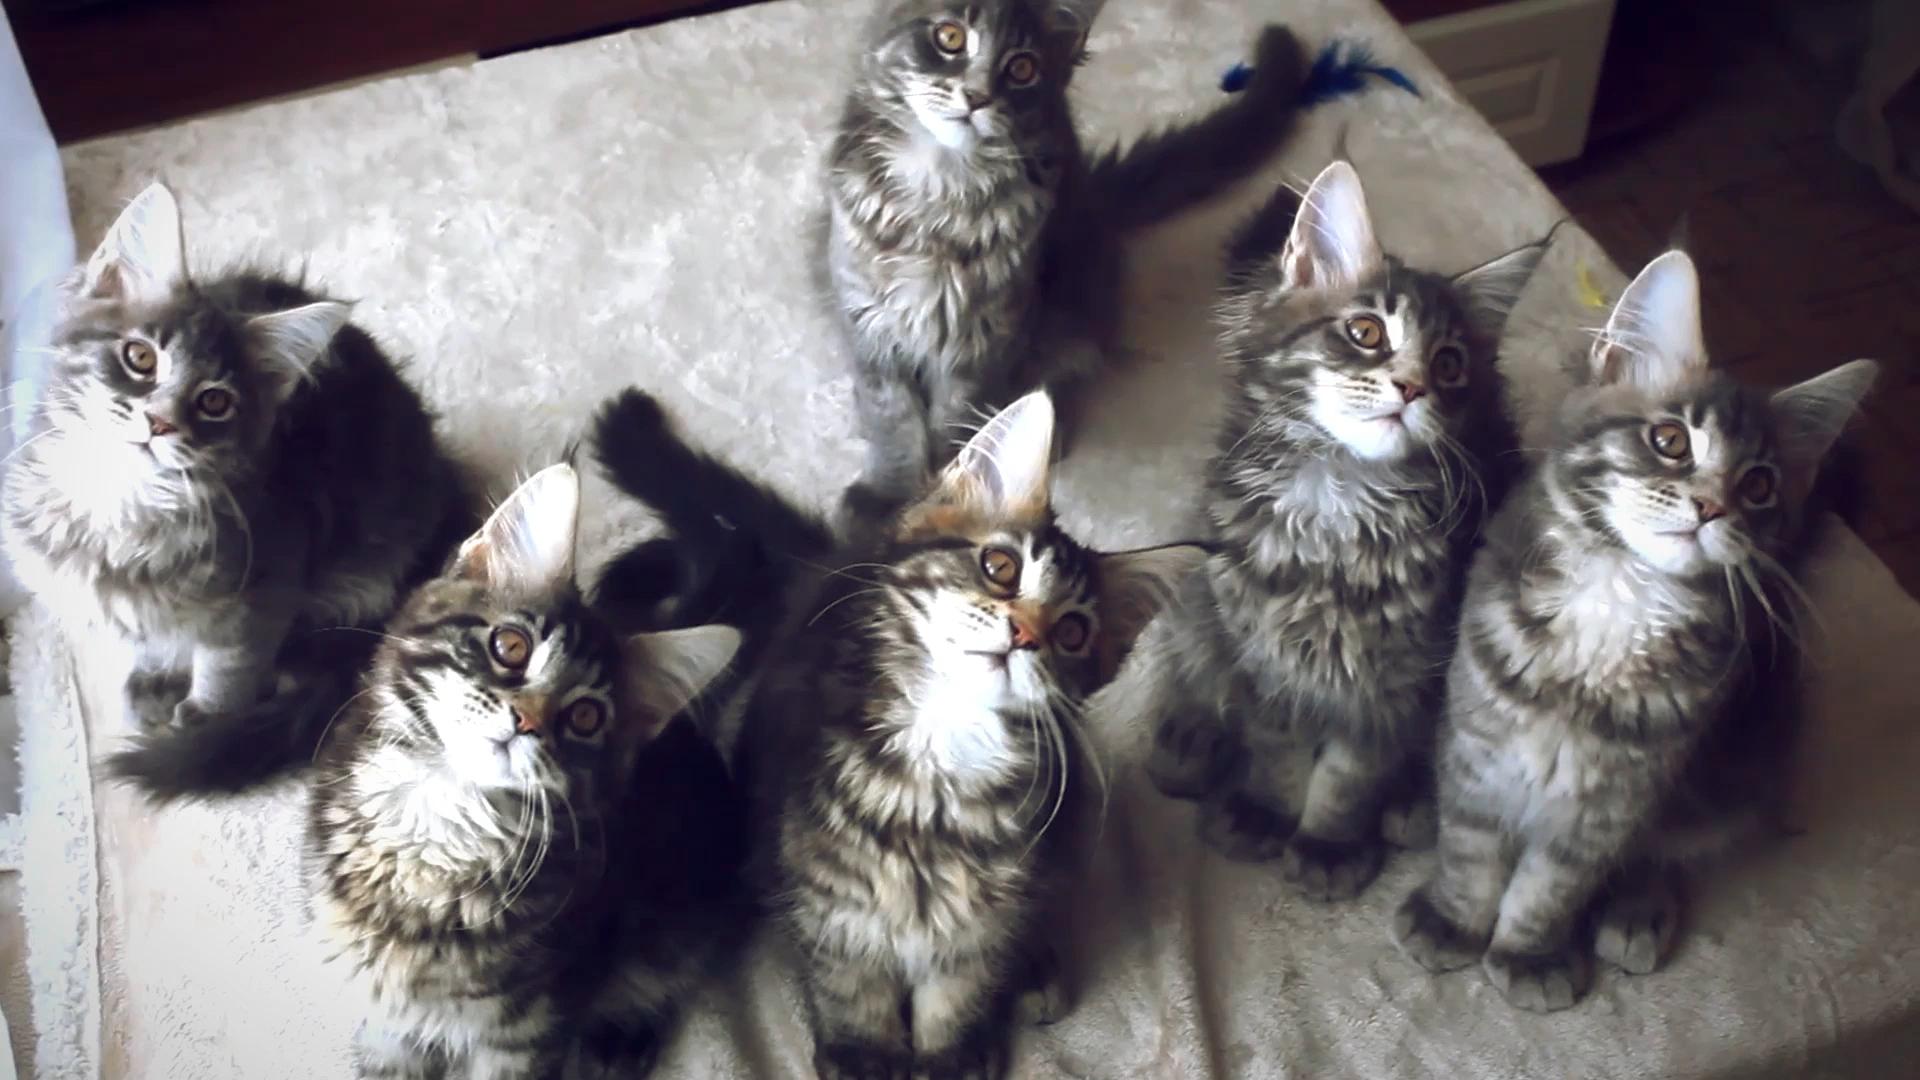 Katzenbabys von mir zeig bilder Katzenbabys